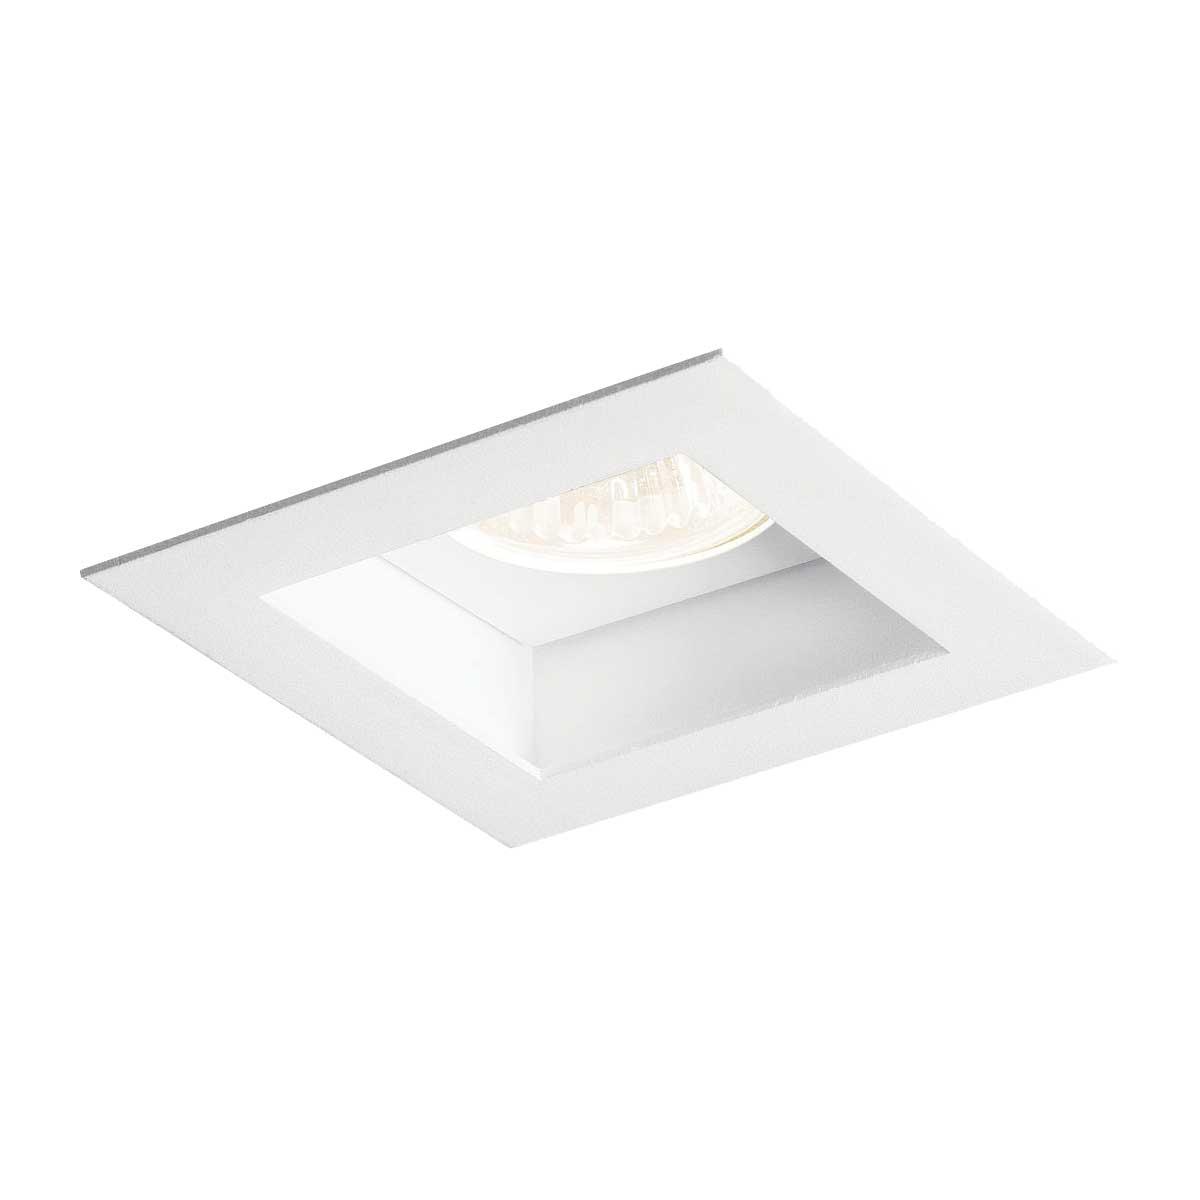 Luminária Embutir Flat Quadrada Direcionável Branco 1 lâmpada Dicróica